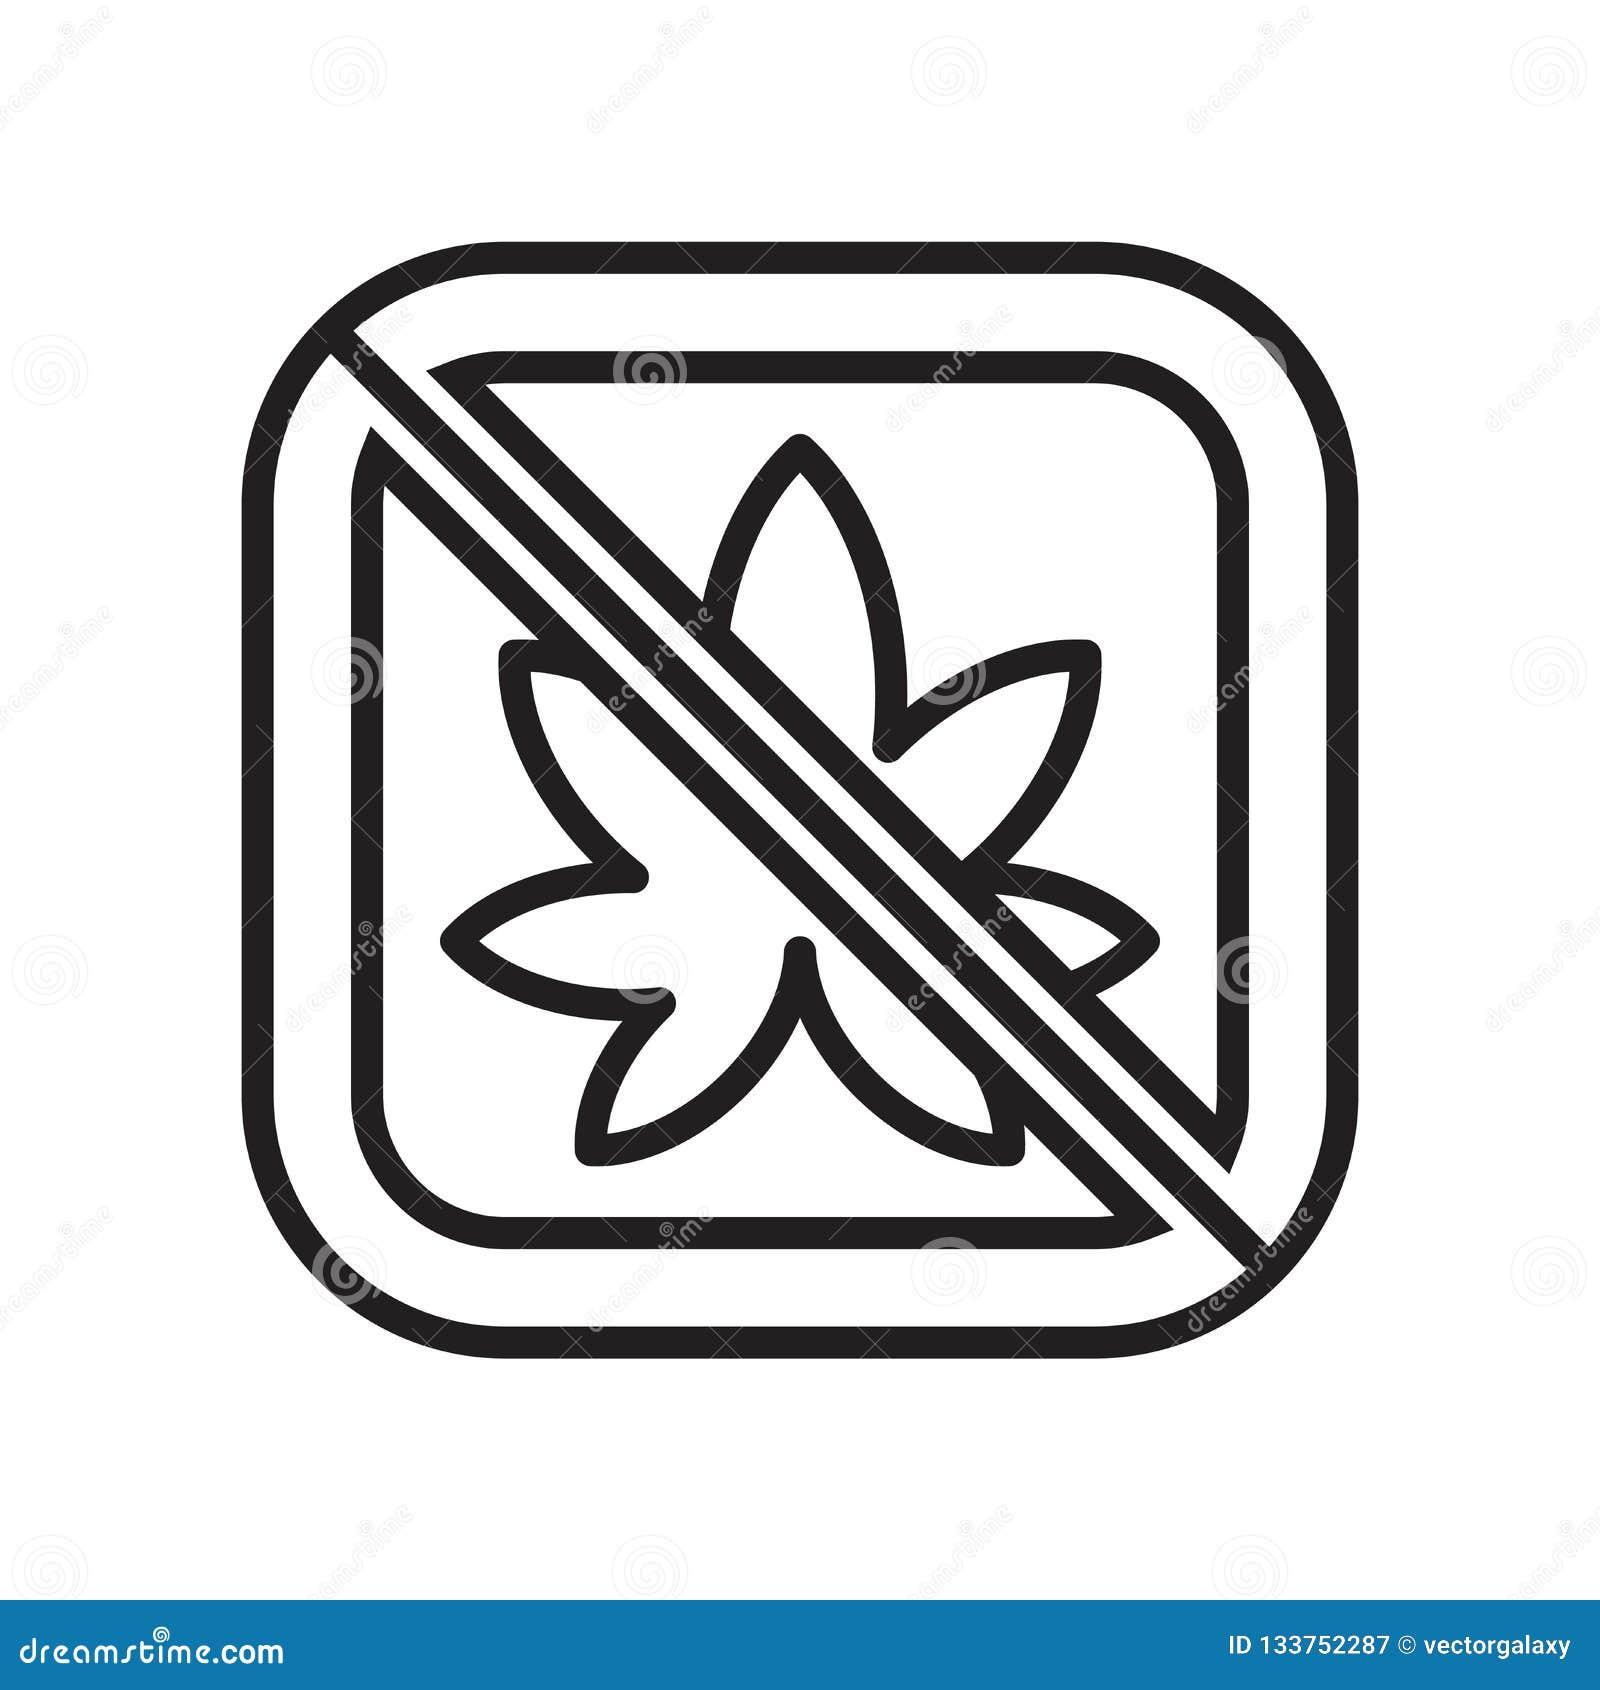 Sinal e símbolo do vetor do ícone da marijuana isolados no fundo branco, conceito do logotipo da marijuana